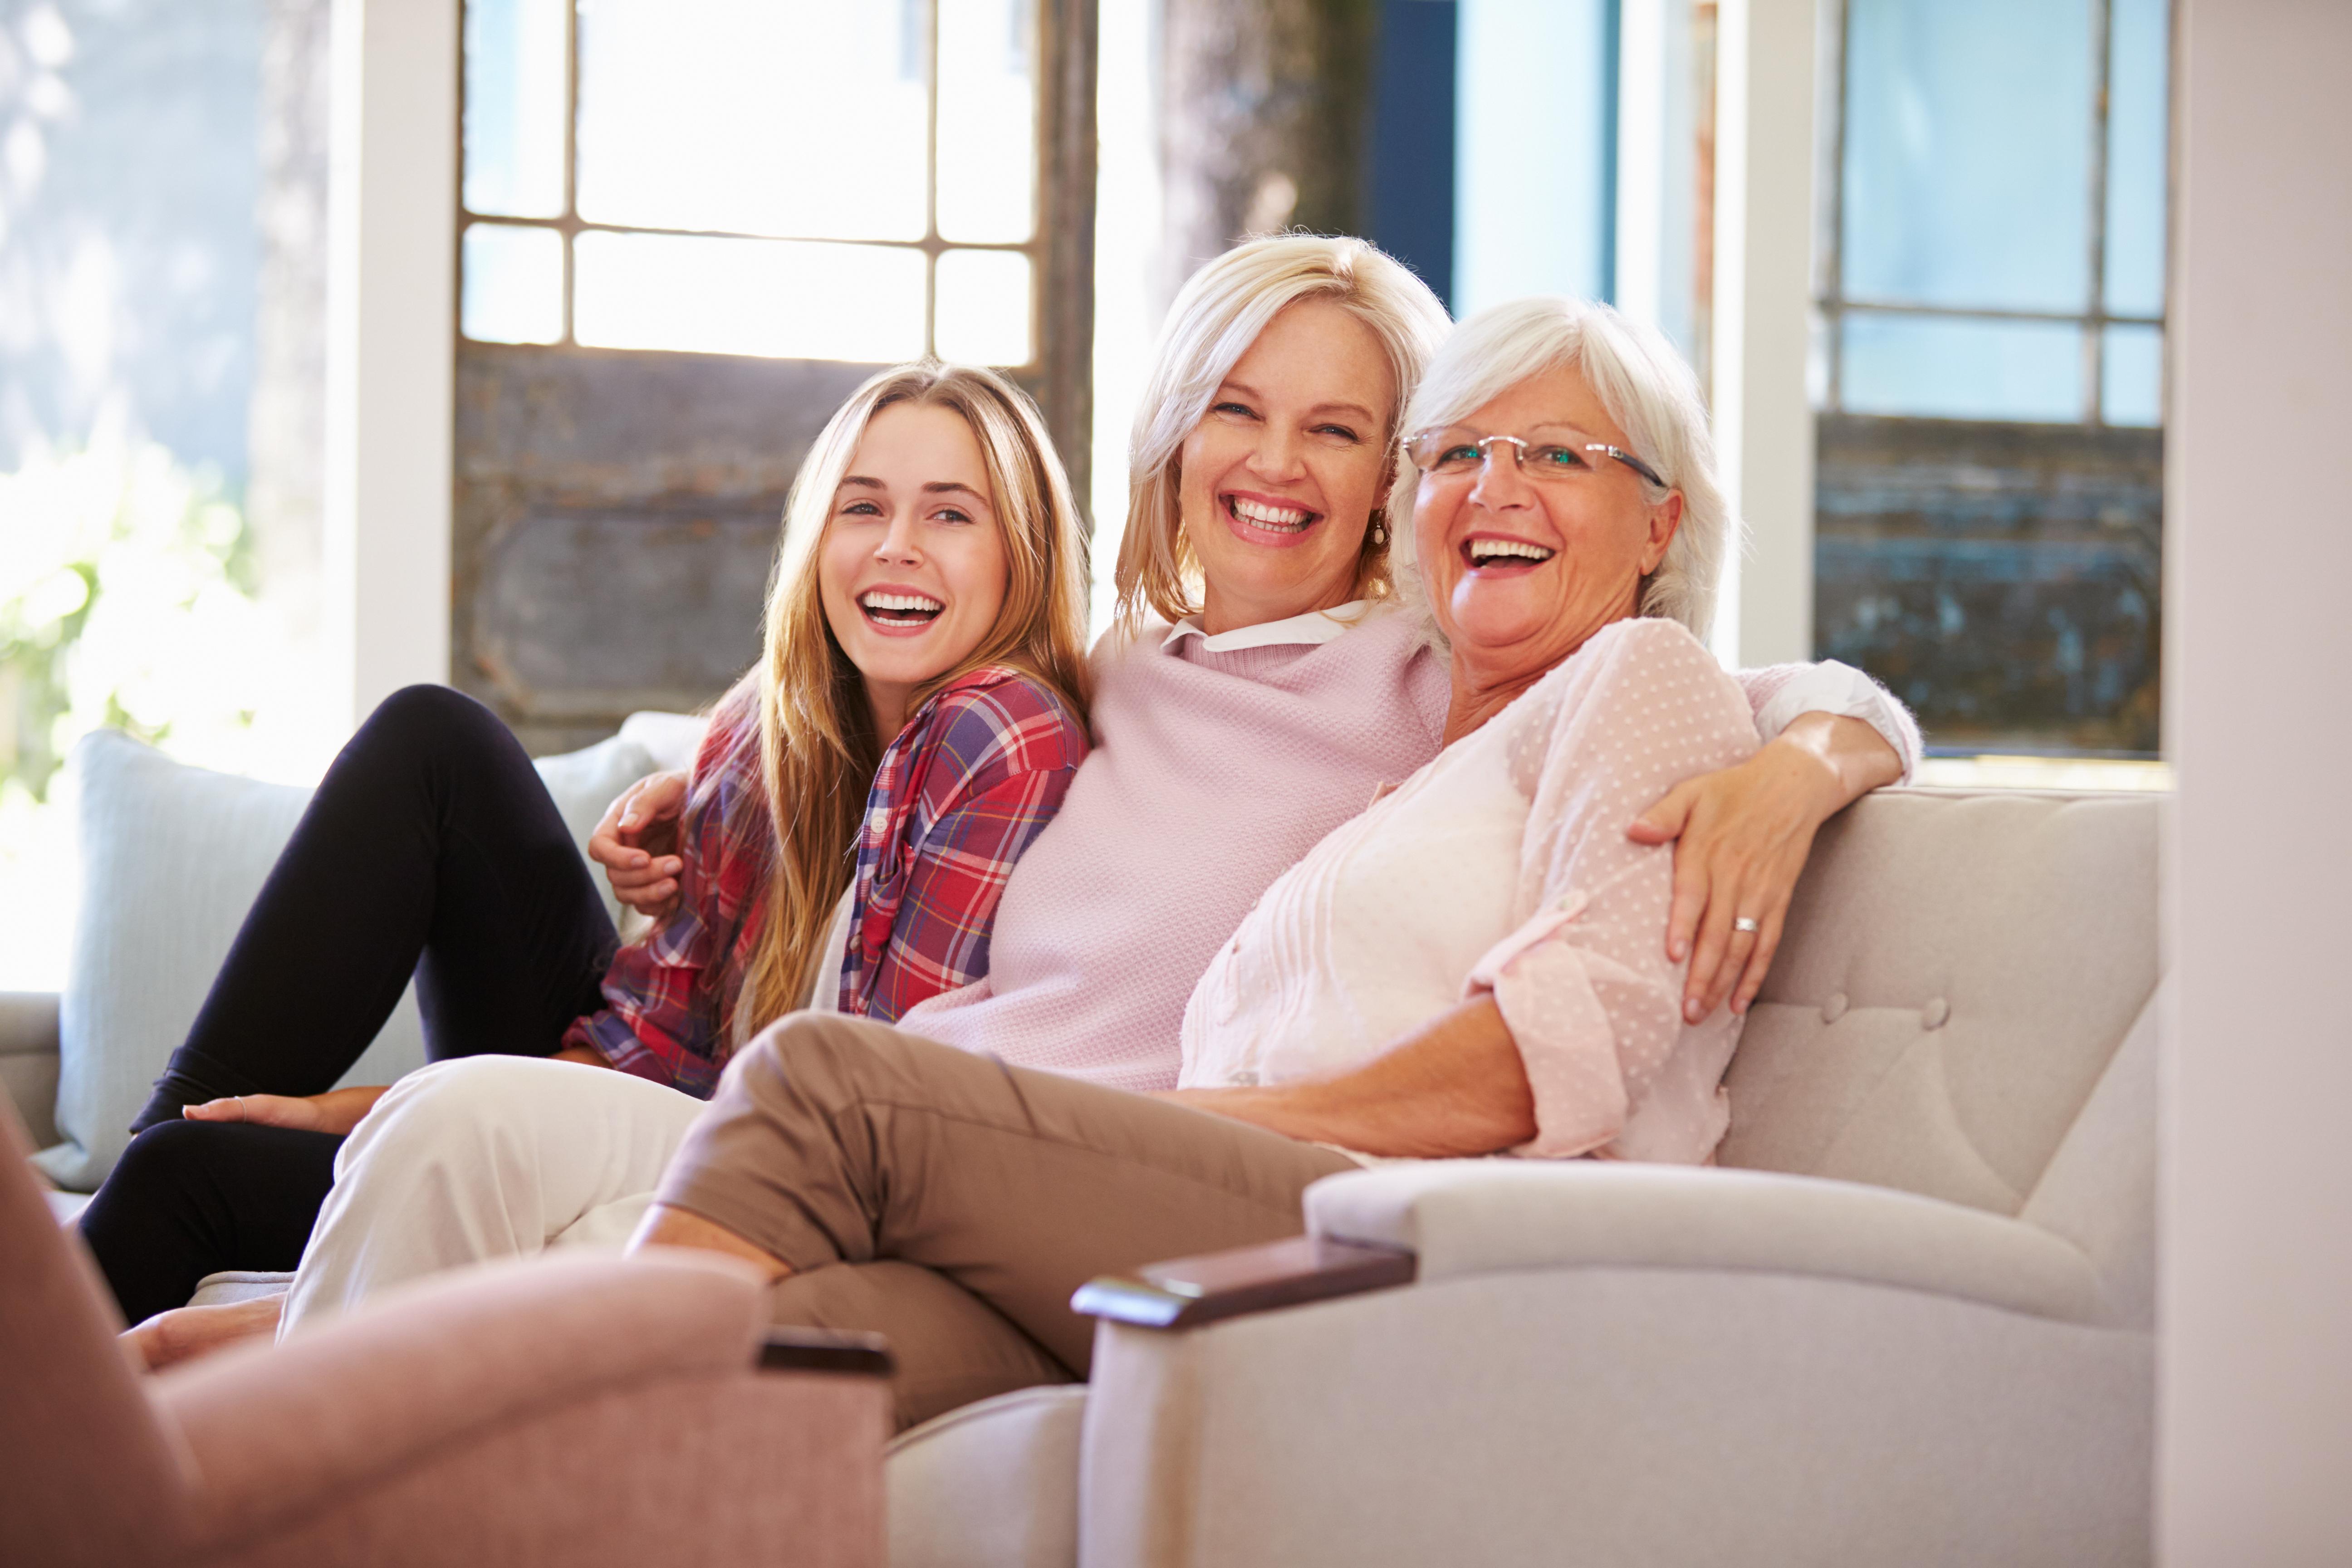 Tri generacije: kćer, majka i bak sjede zagrljene na kauču i smiju se